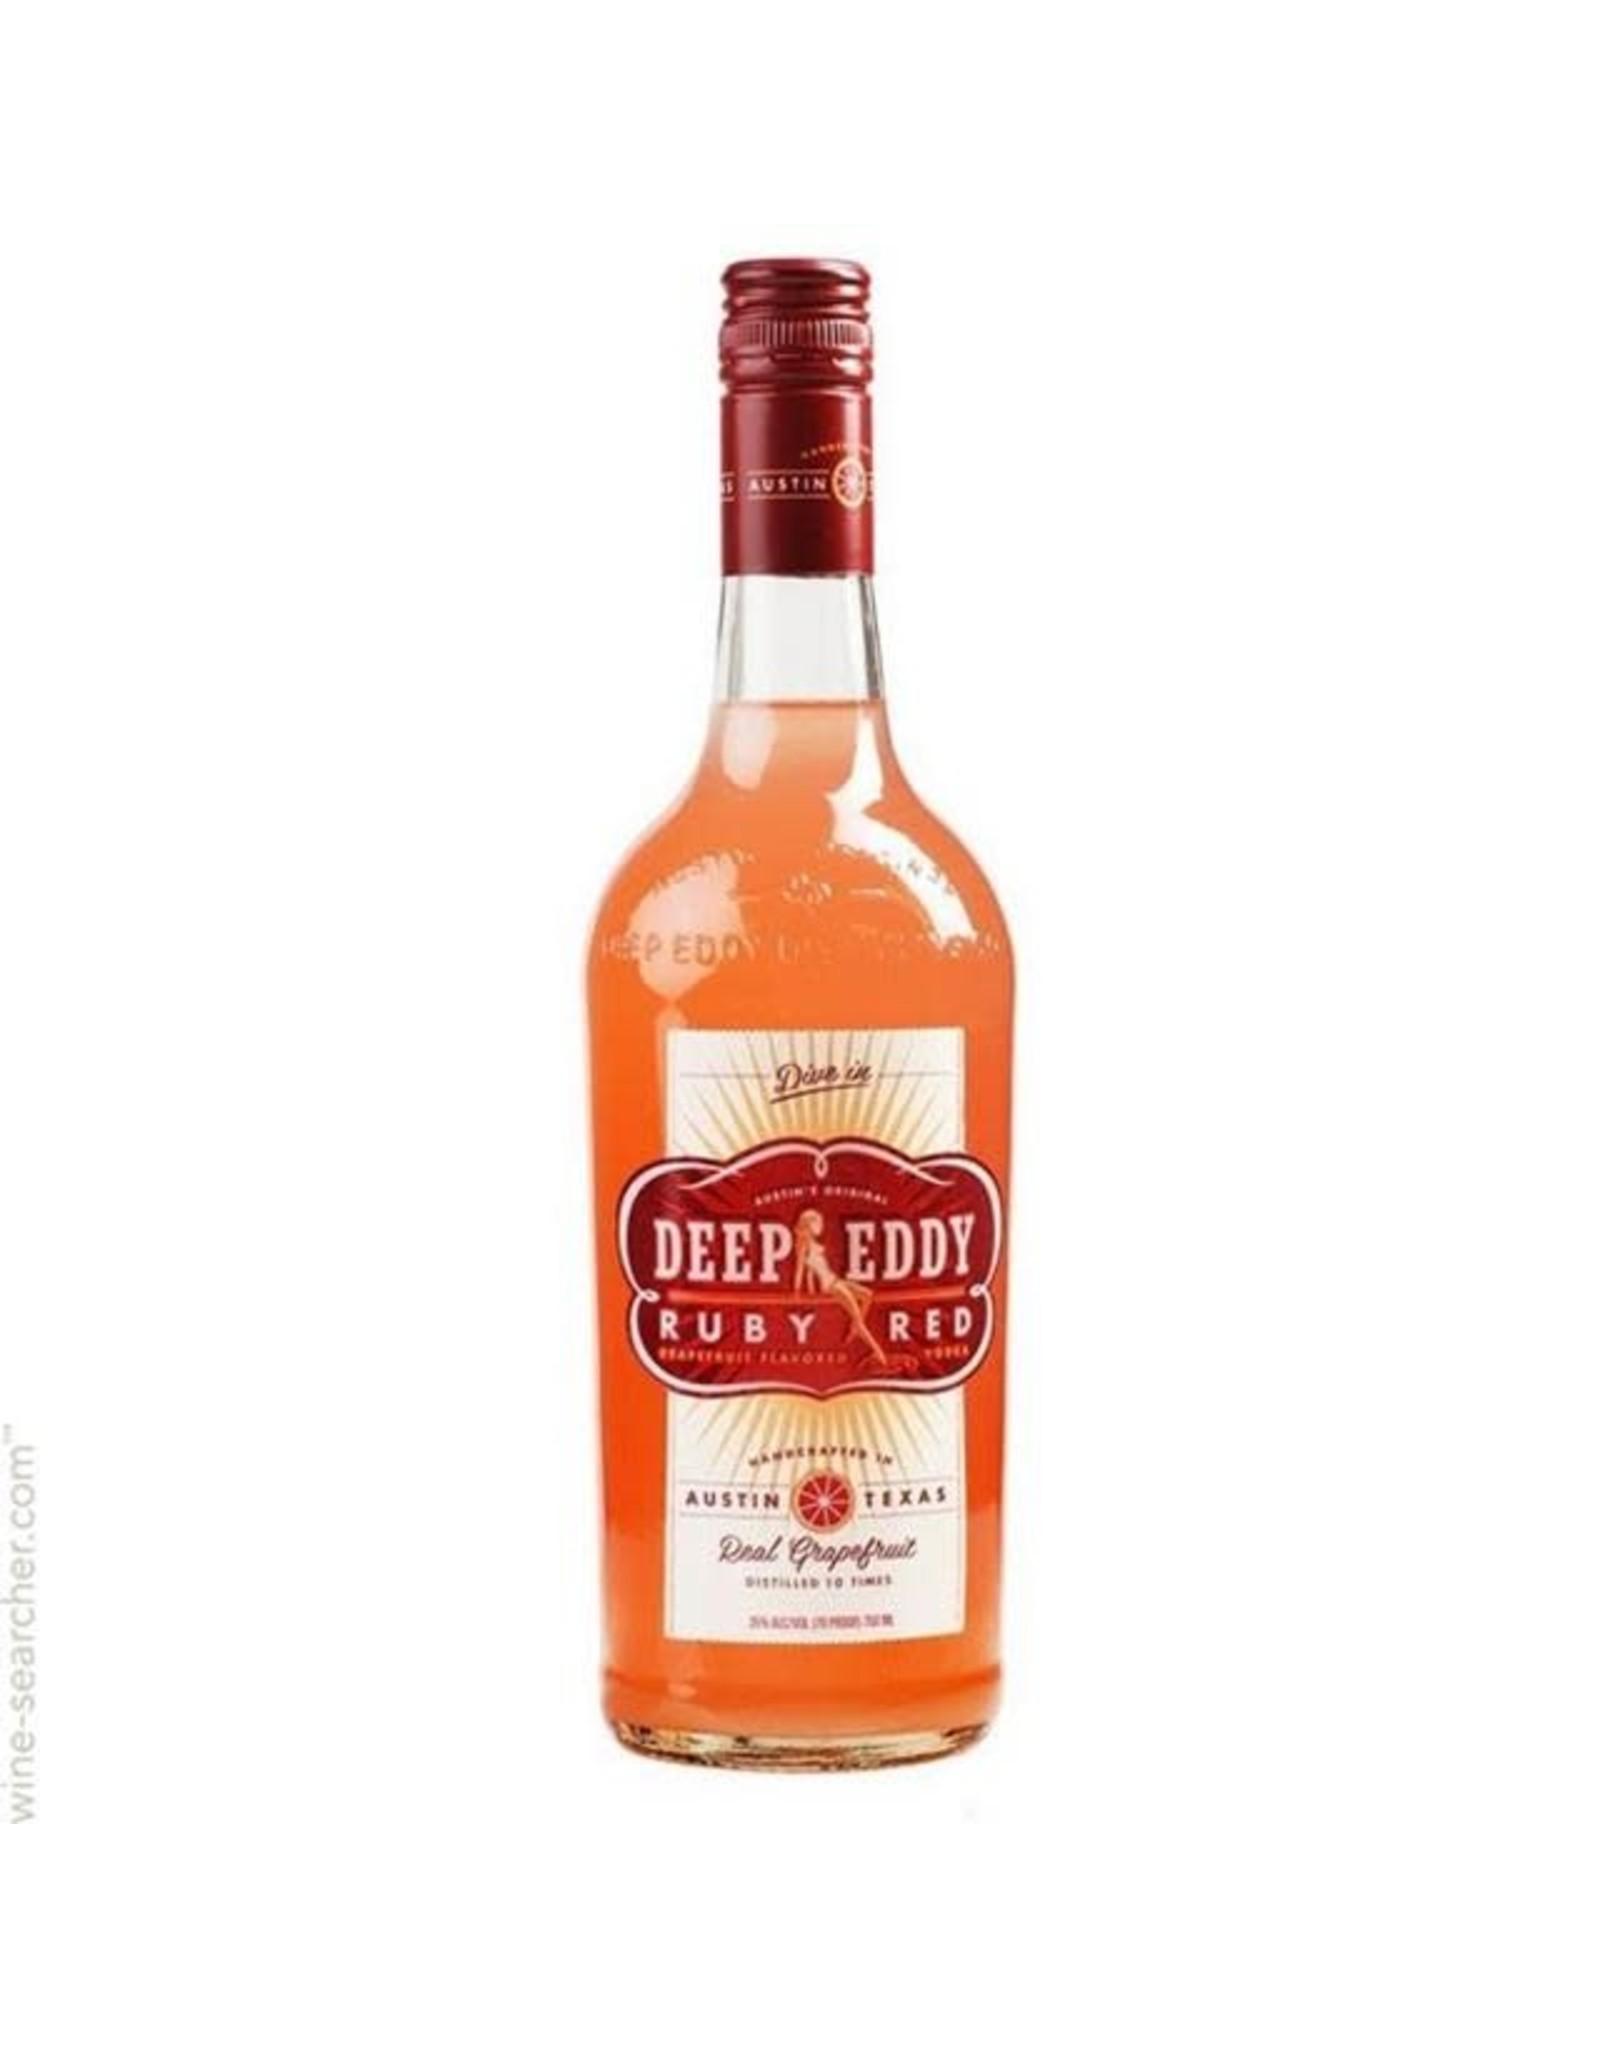 DEEP EDDY RUBY RED 375ML